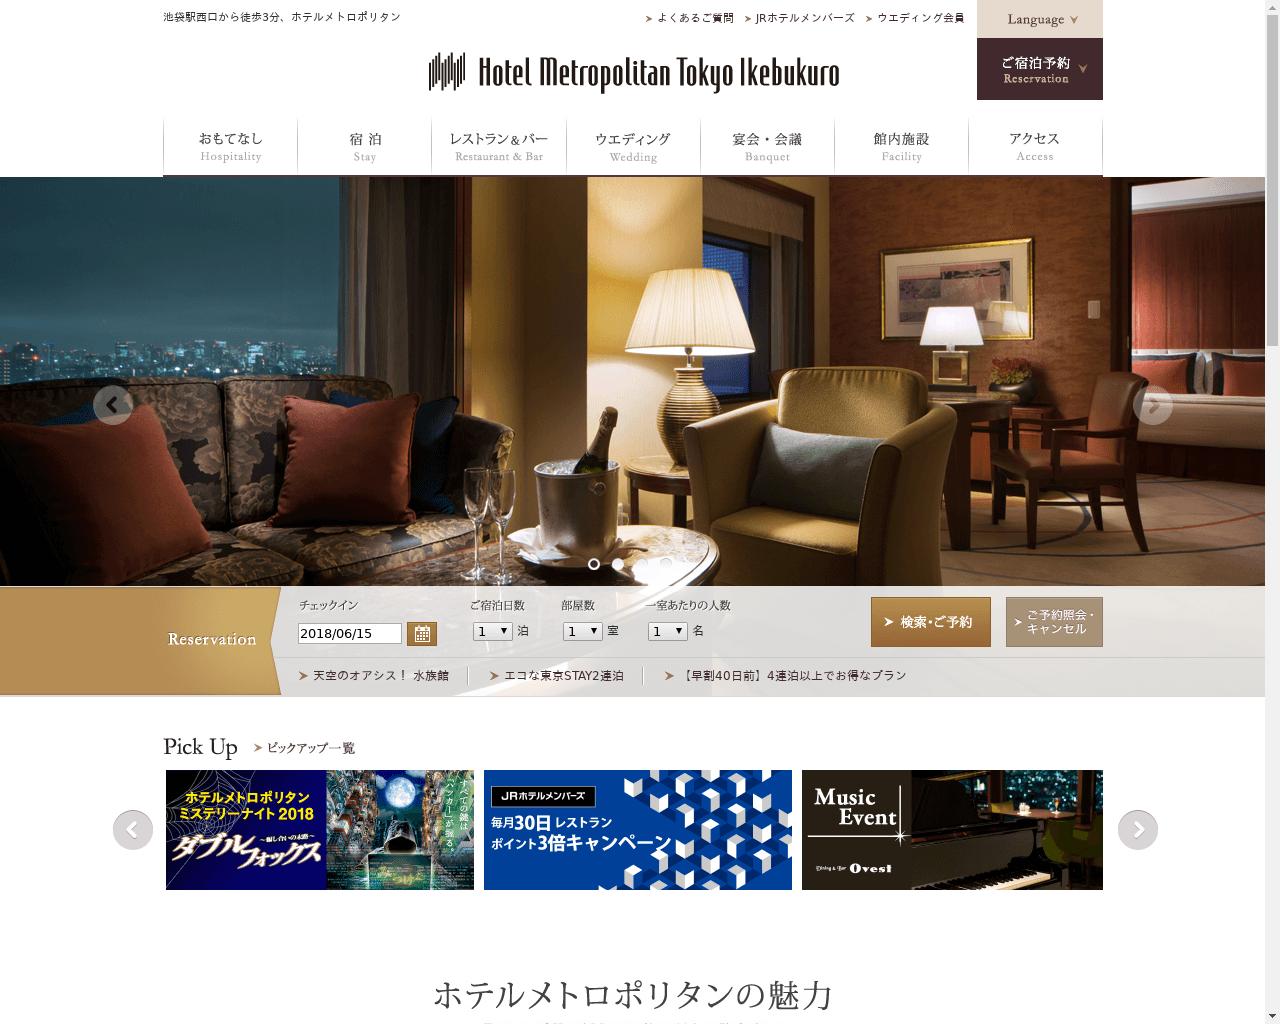 ホテルメトロポリタン